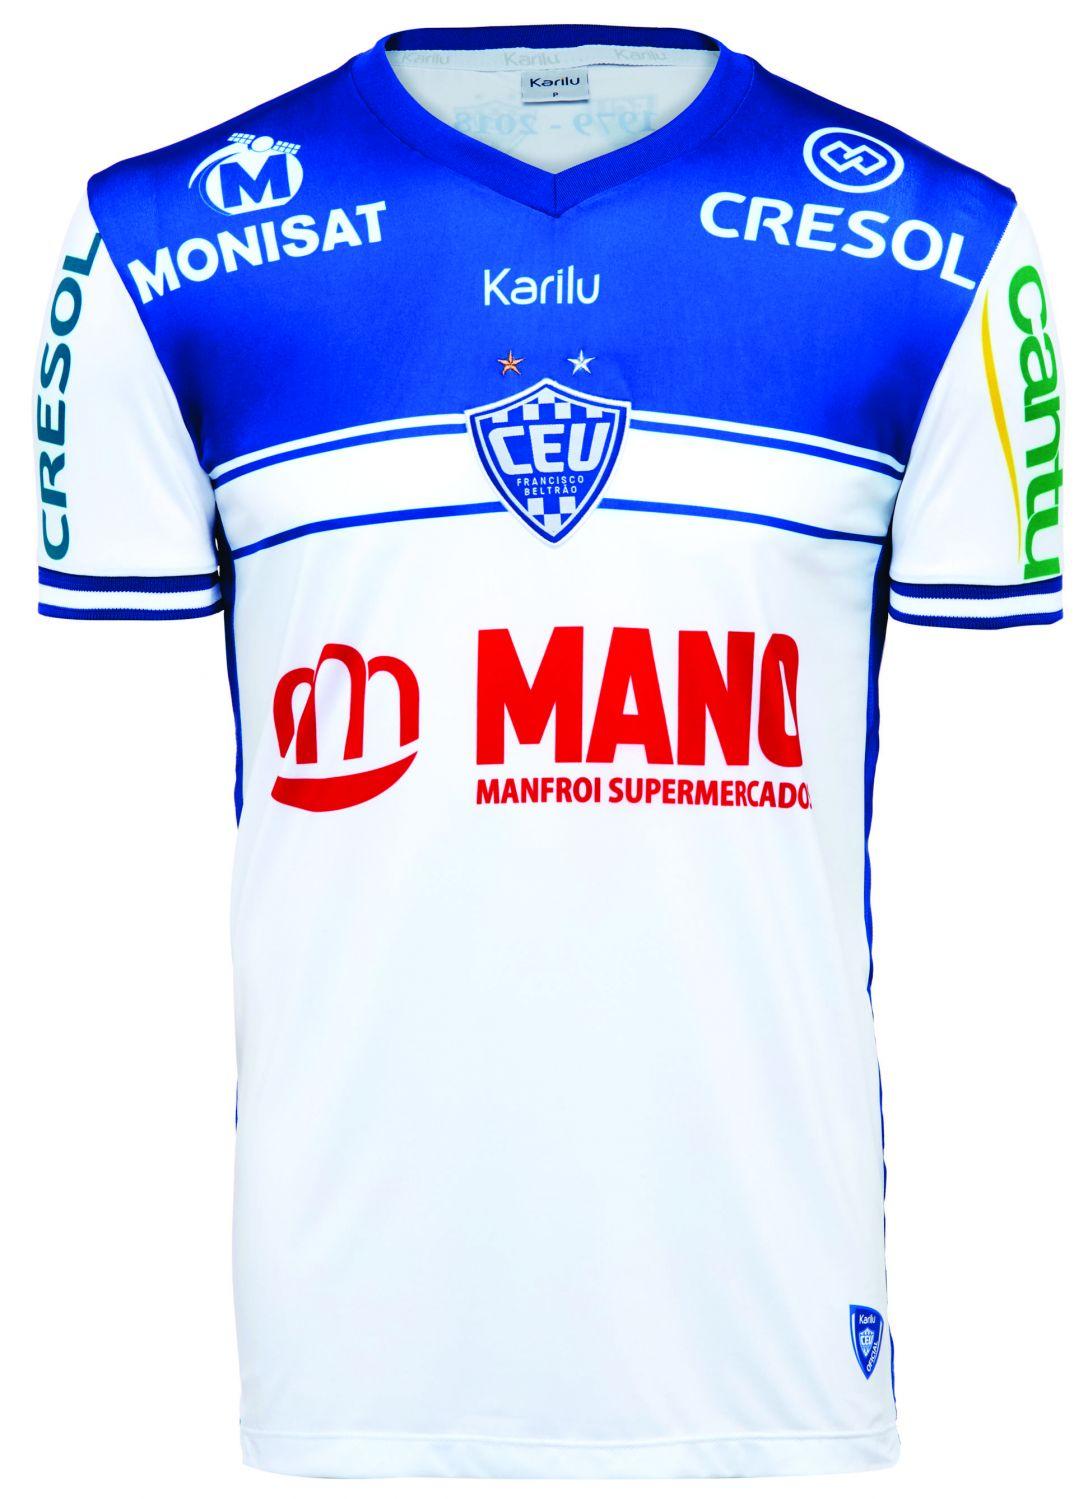 Camisa oficial do Clube Esportivo União - modelo 2 na Karilu 4afc9b70a4149